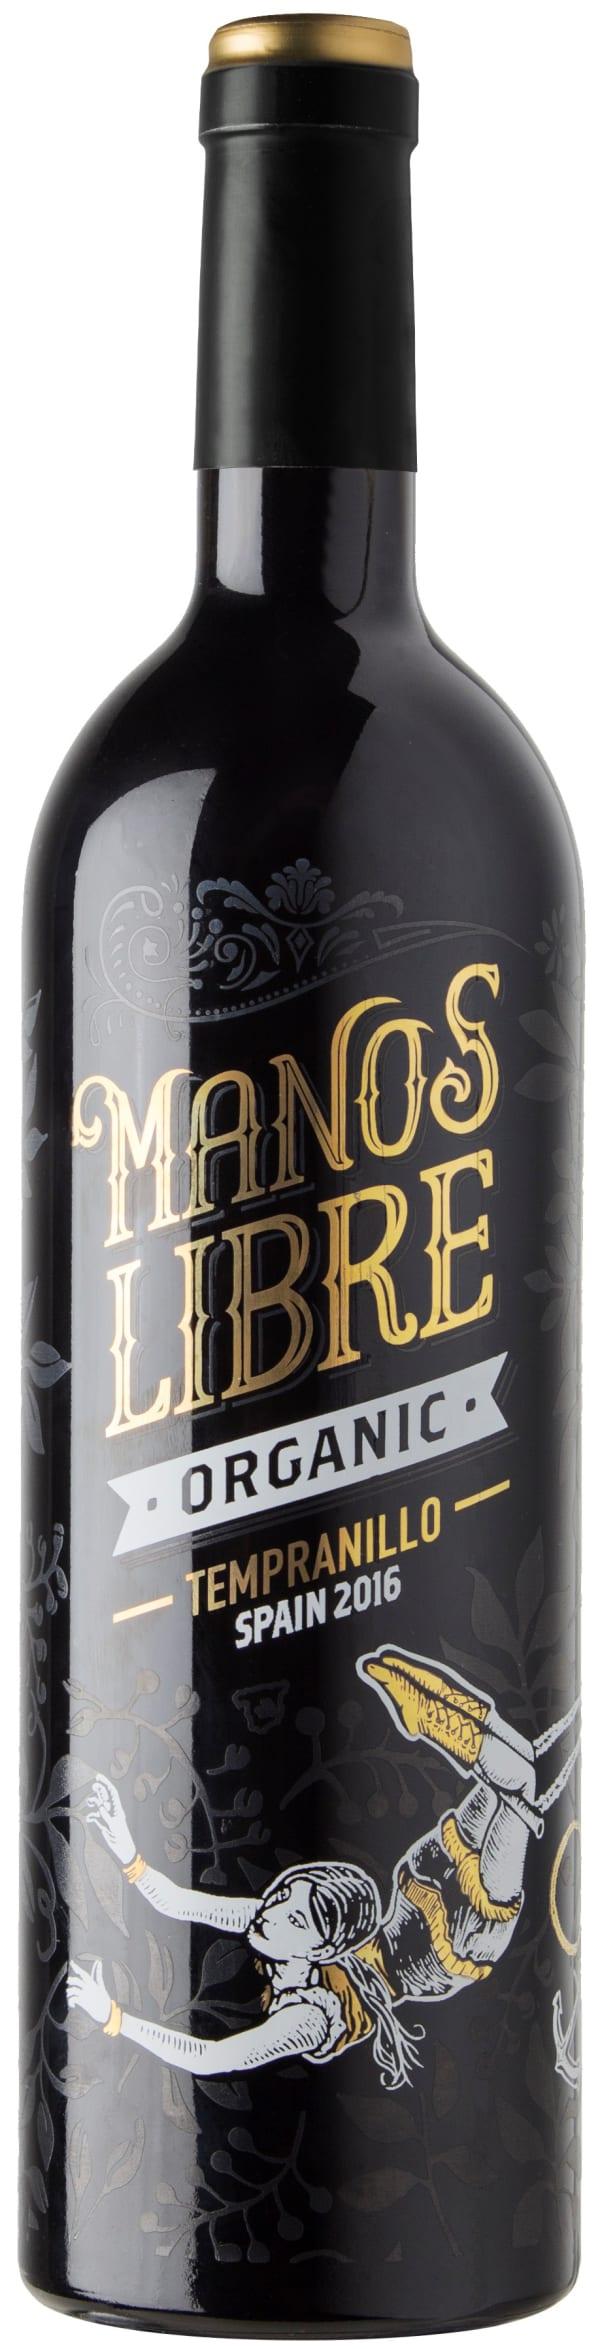 Manos Libre Organic Tempranillo 2017